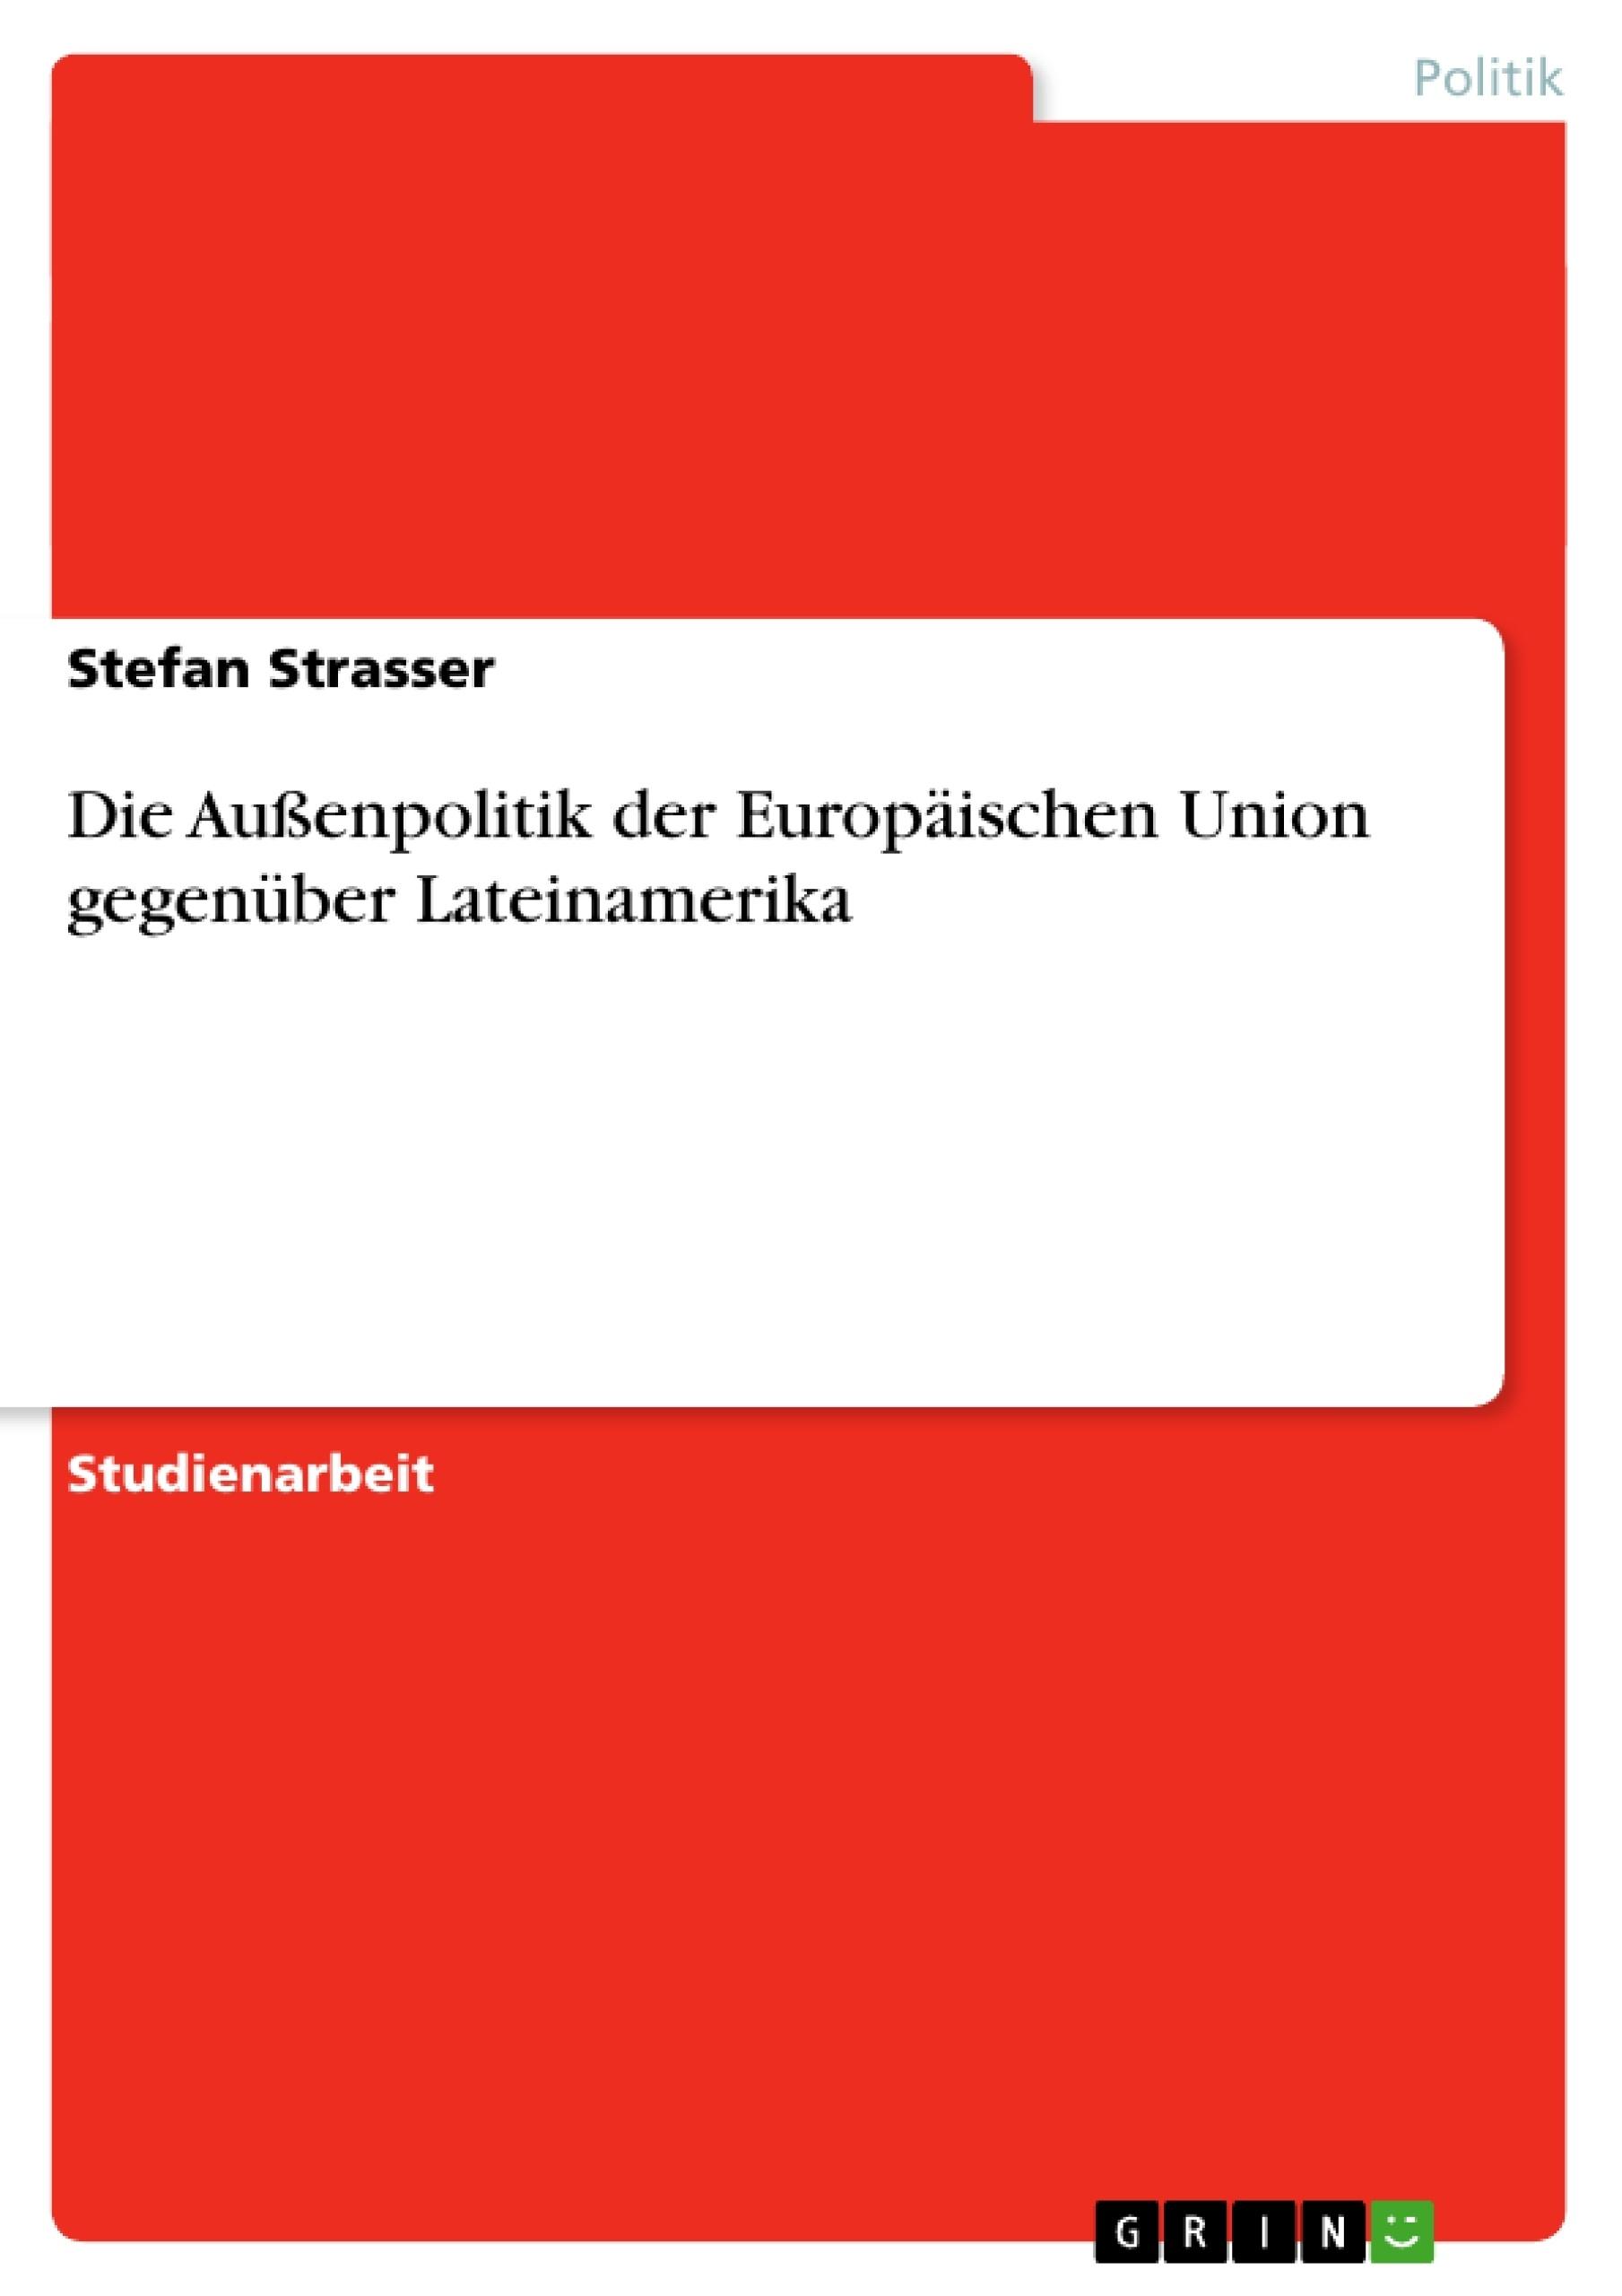 Titel: Die Außenpolitik der Europäischen Union gegenüber Lateinamerika